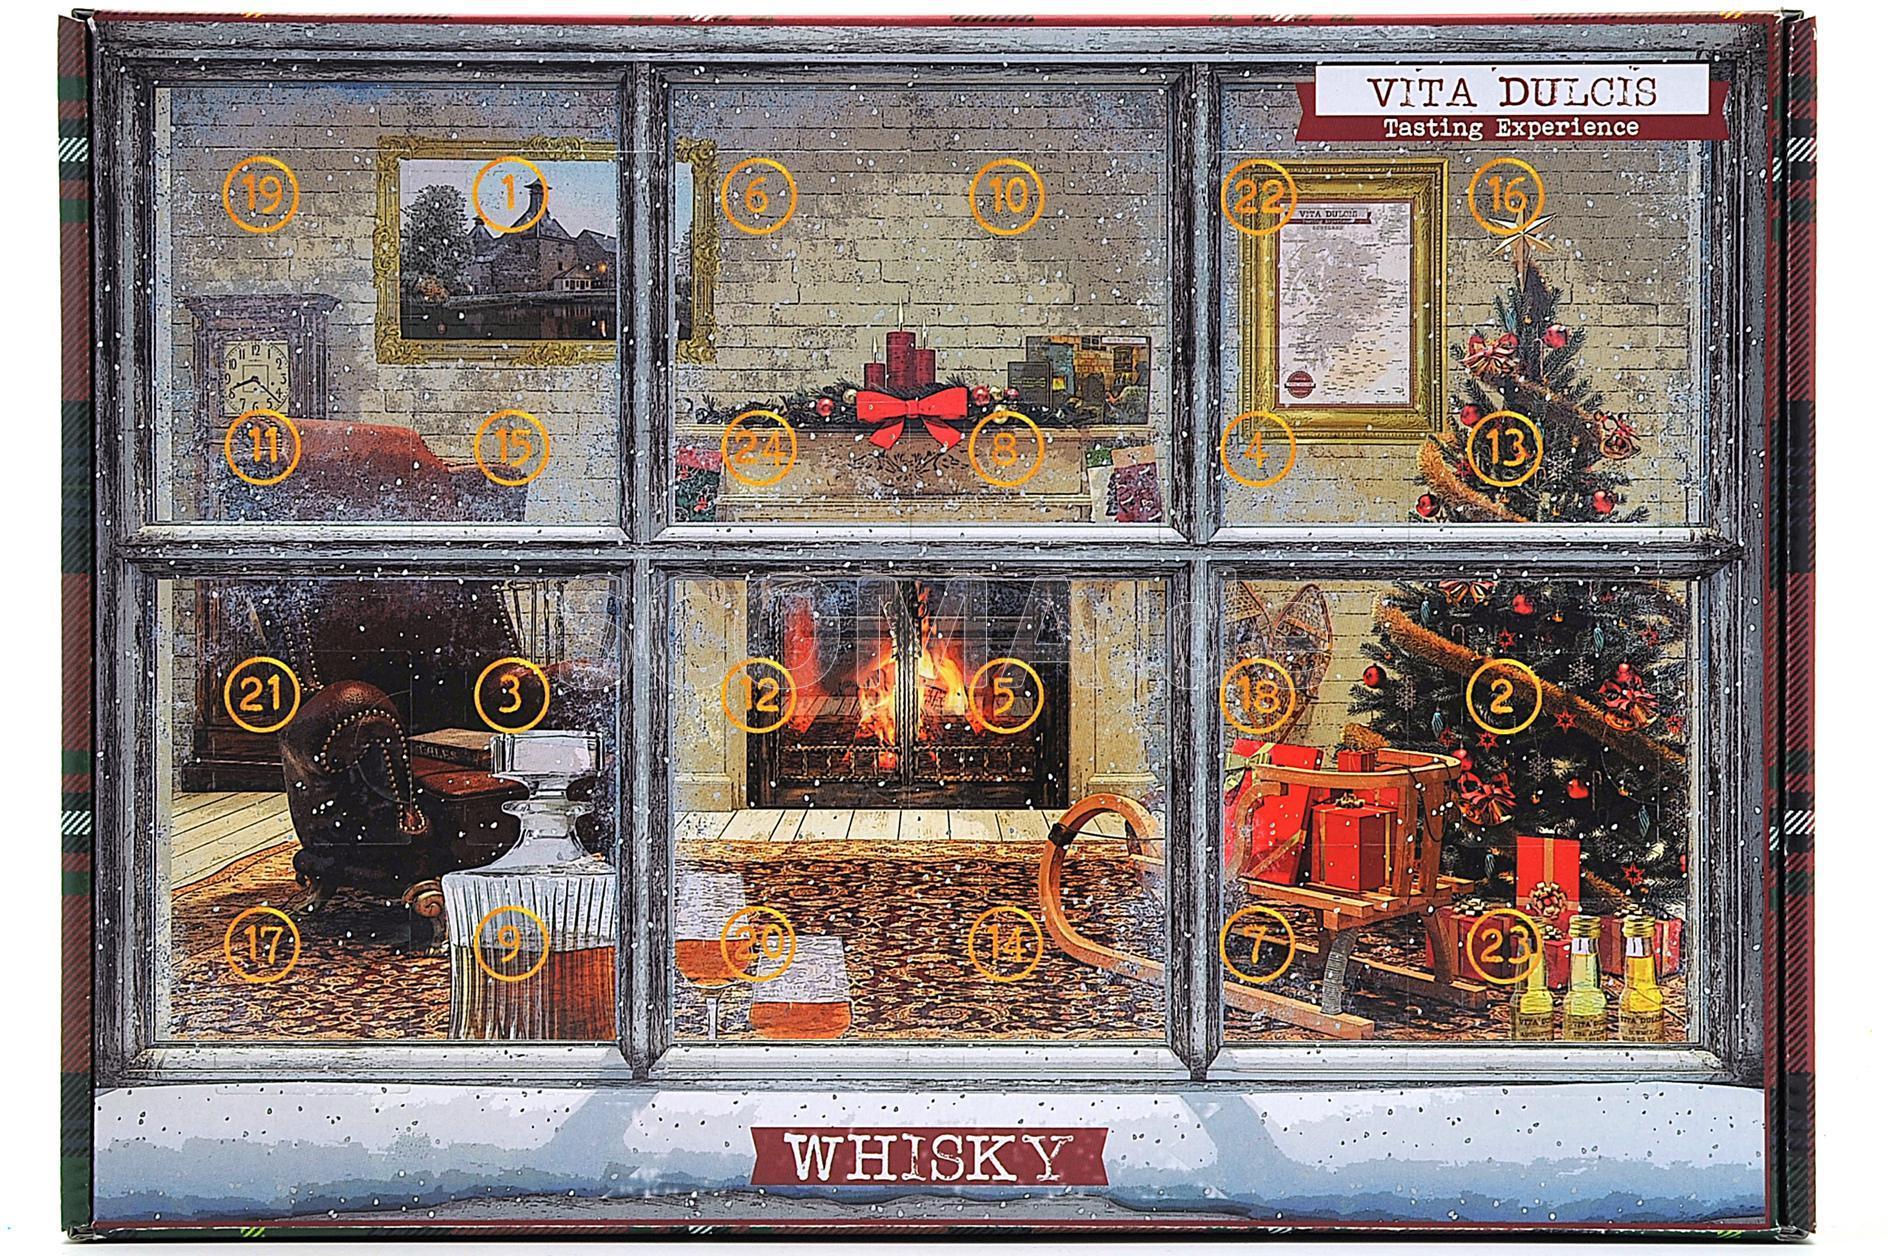 Whisky Adventskalender Interna...